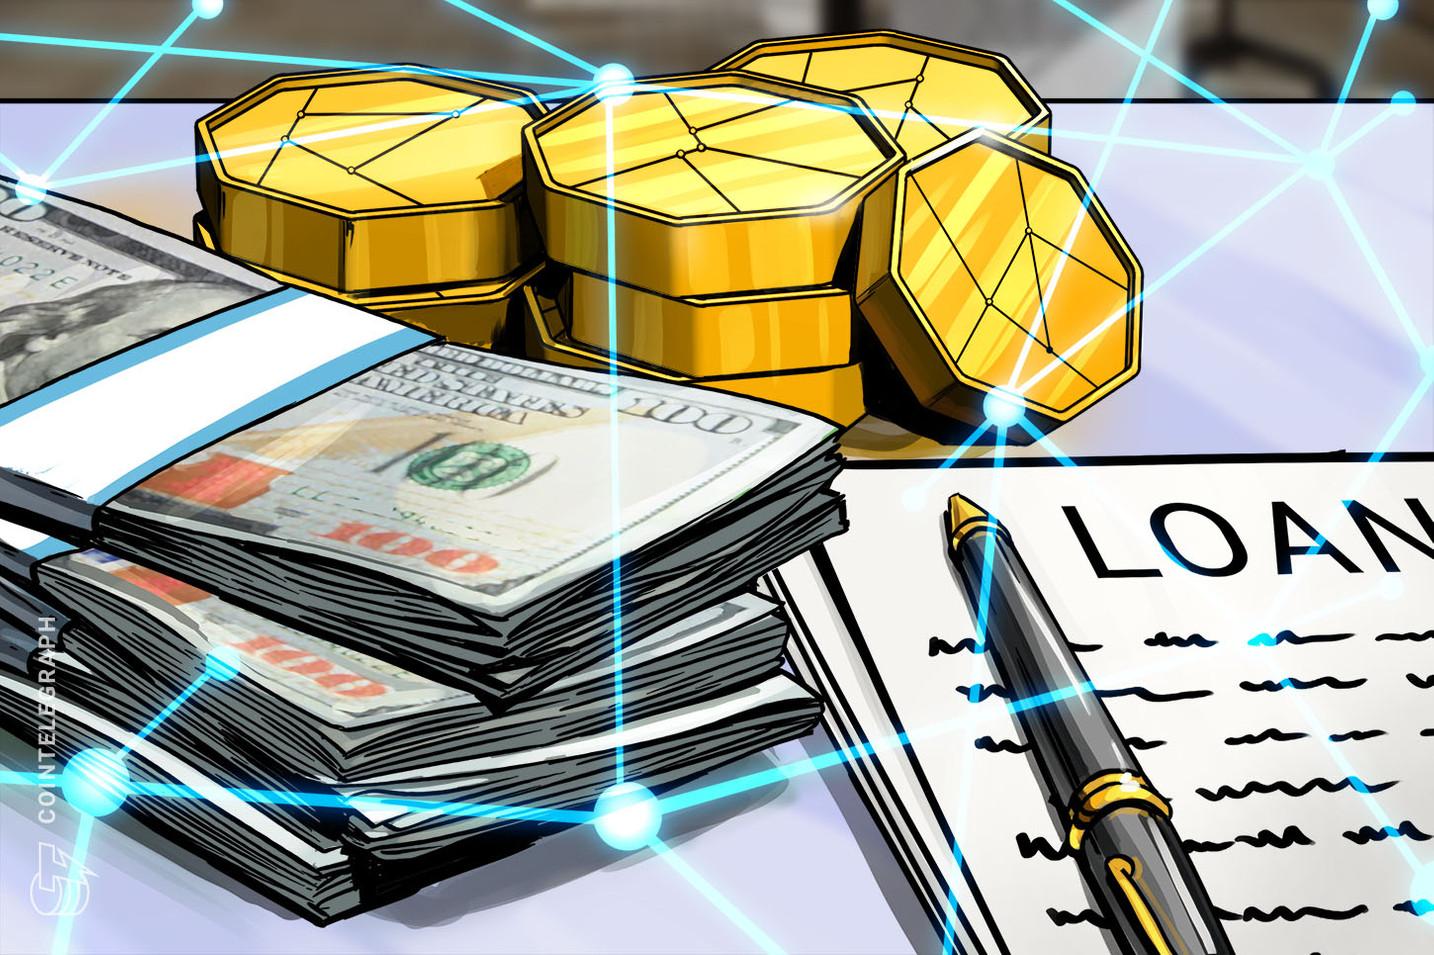 Waves impulsa el primer préstamo bancario con criptomonedas en Rusia